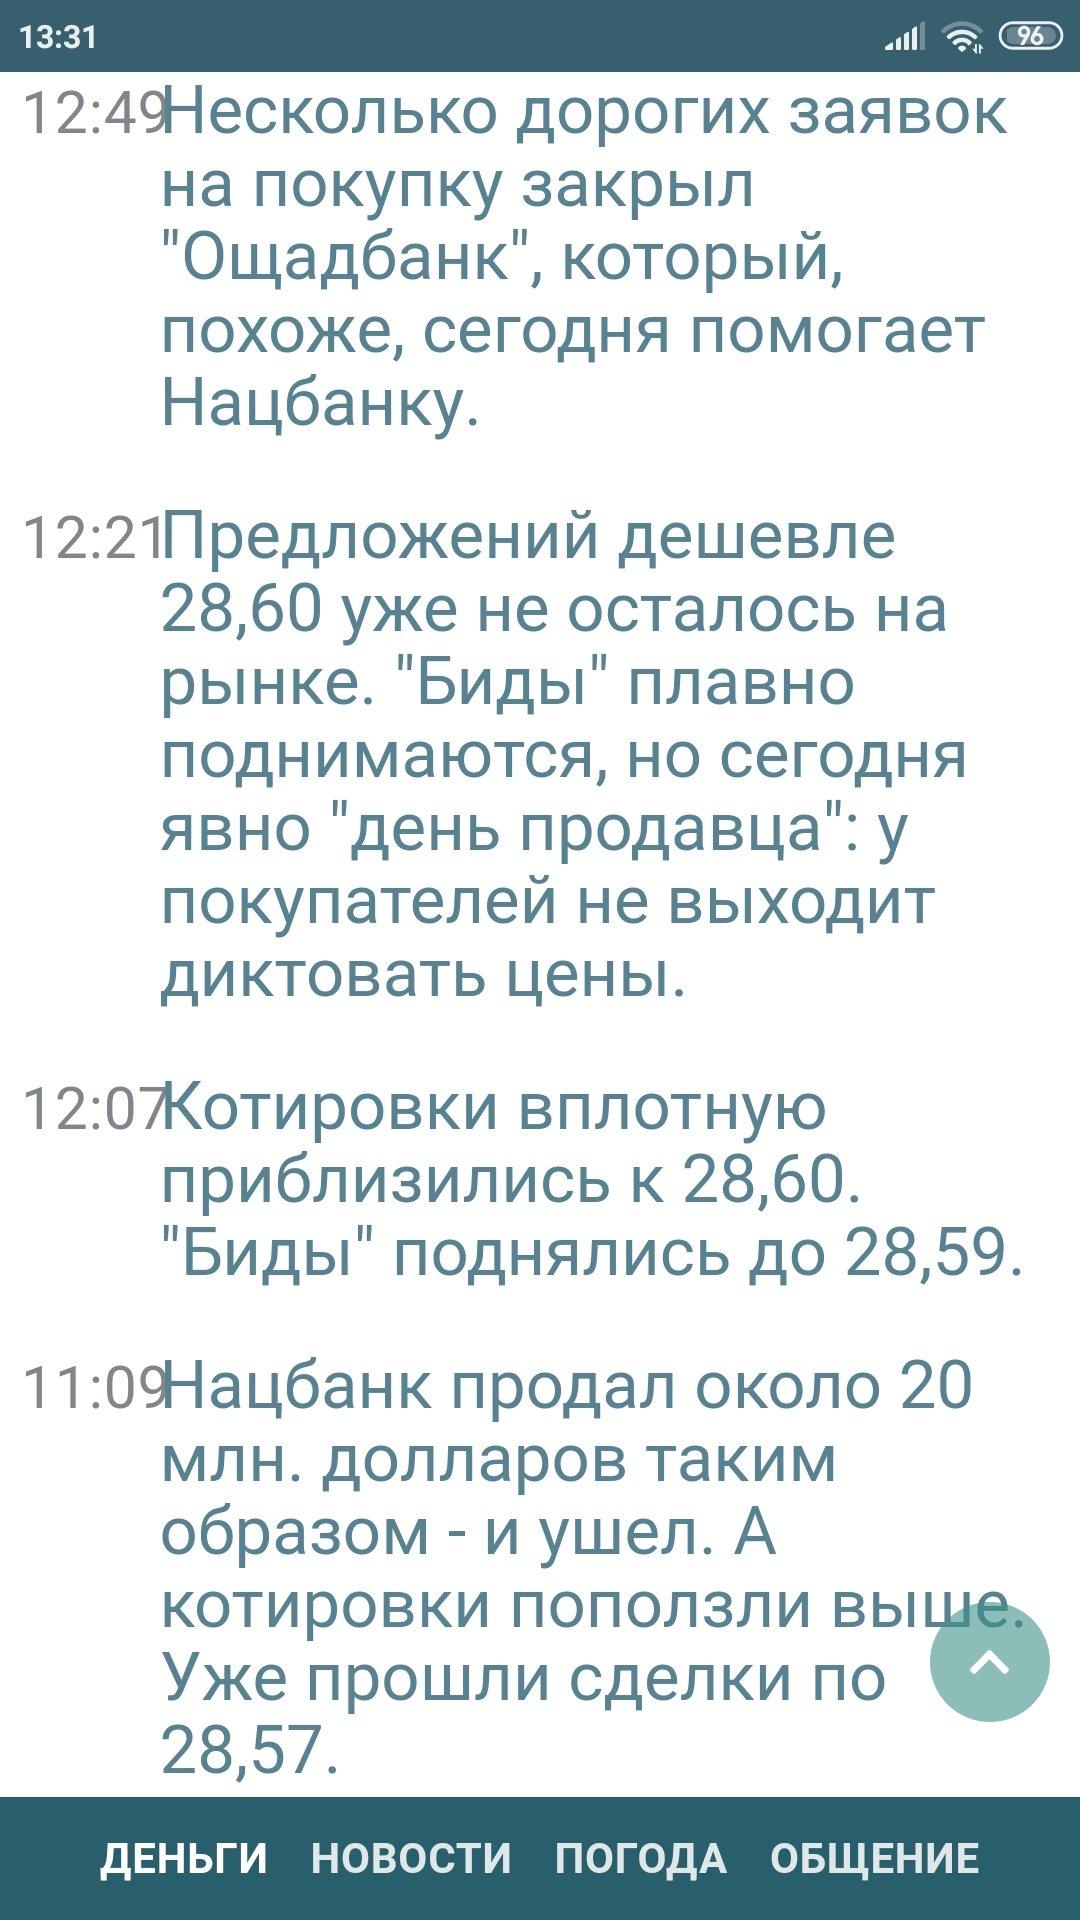 Screenshot_2020-11-02-13-31-03-803_com.android.chrome.jpg